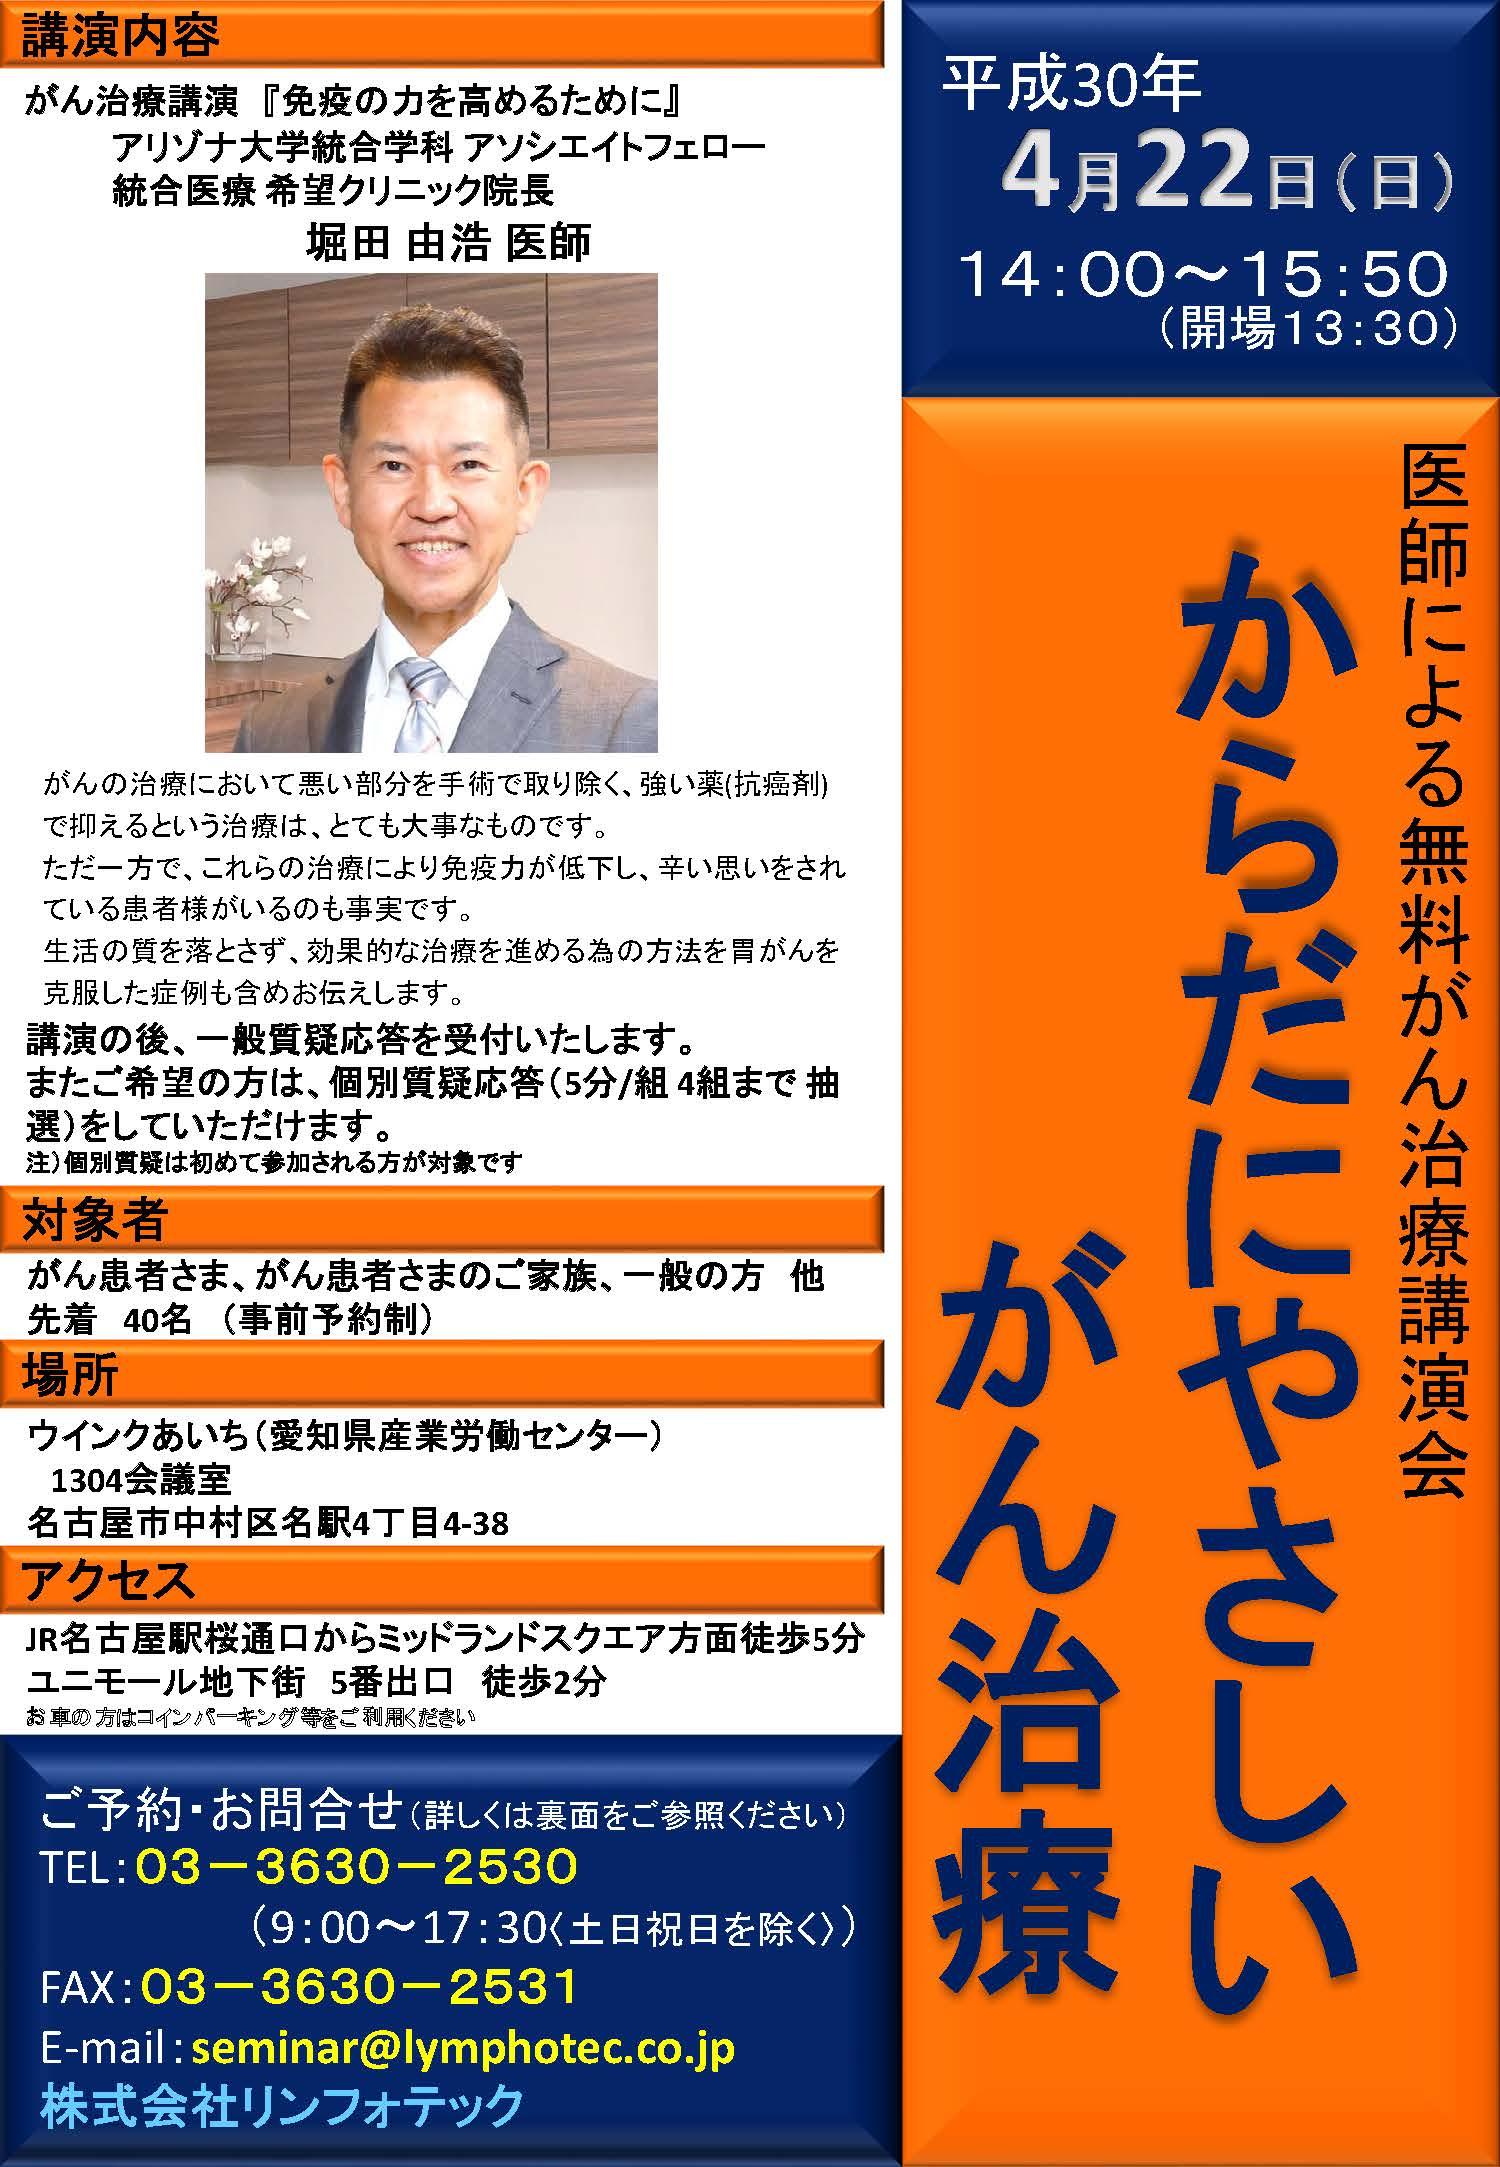 名古屋にてがん治療講演会を開催